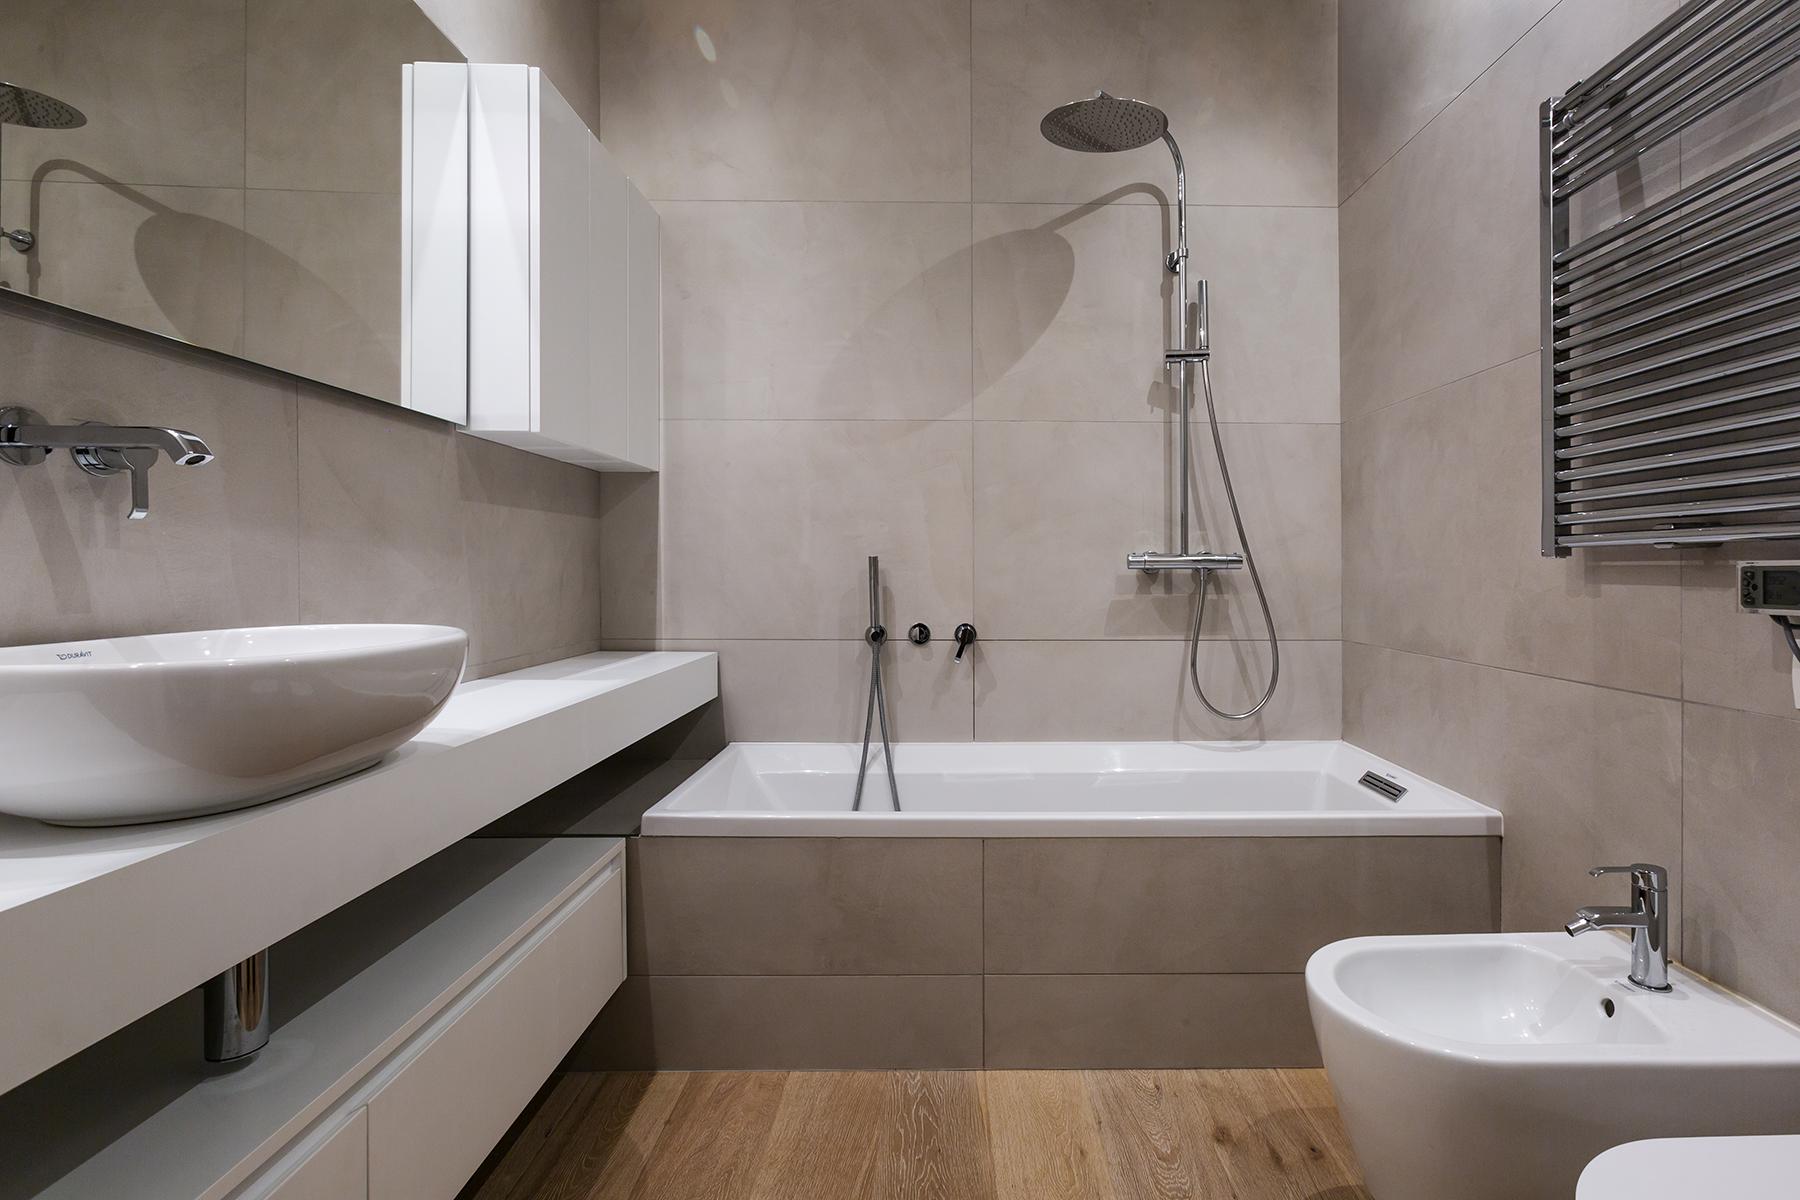 Casa di nuova costruzione a Milano_bagno padronale